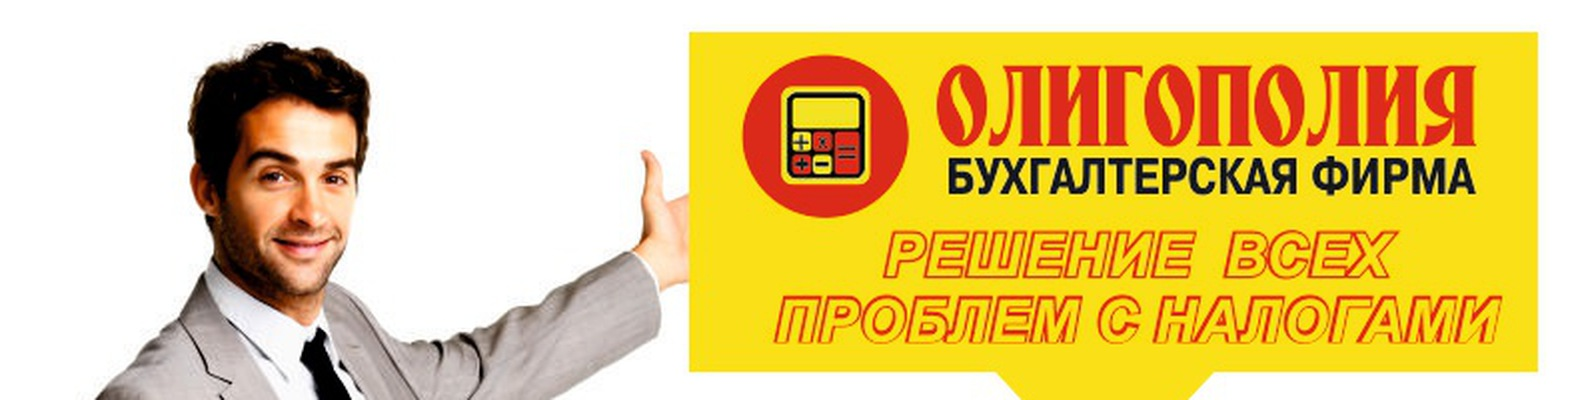 услуги бухгалтера нефтекамск